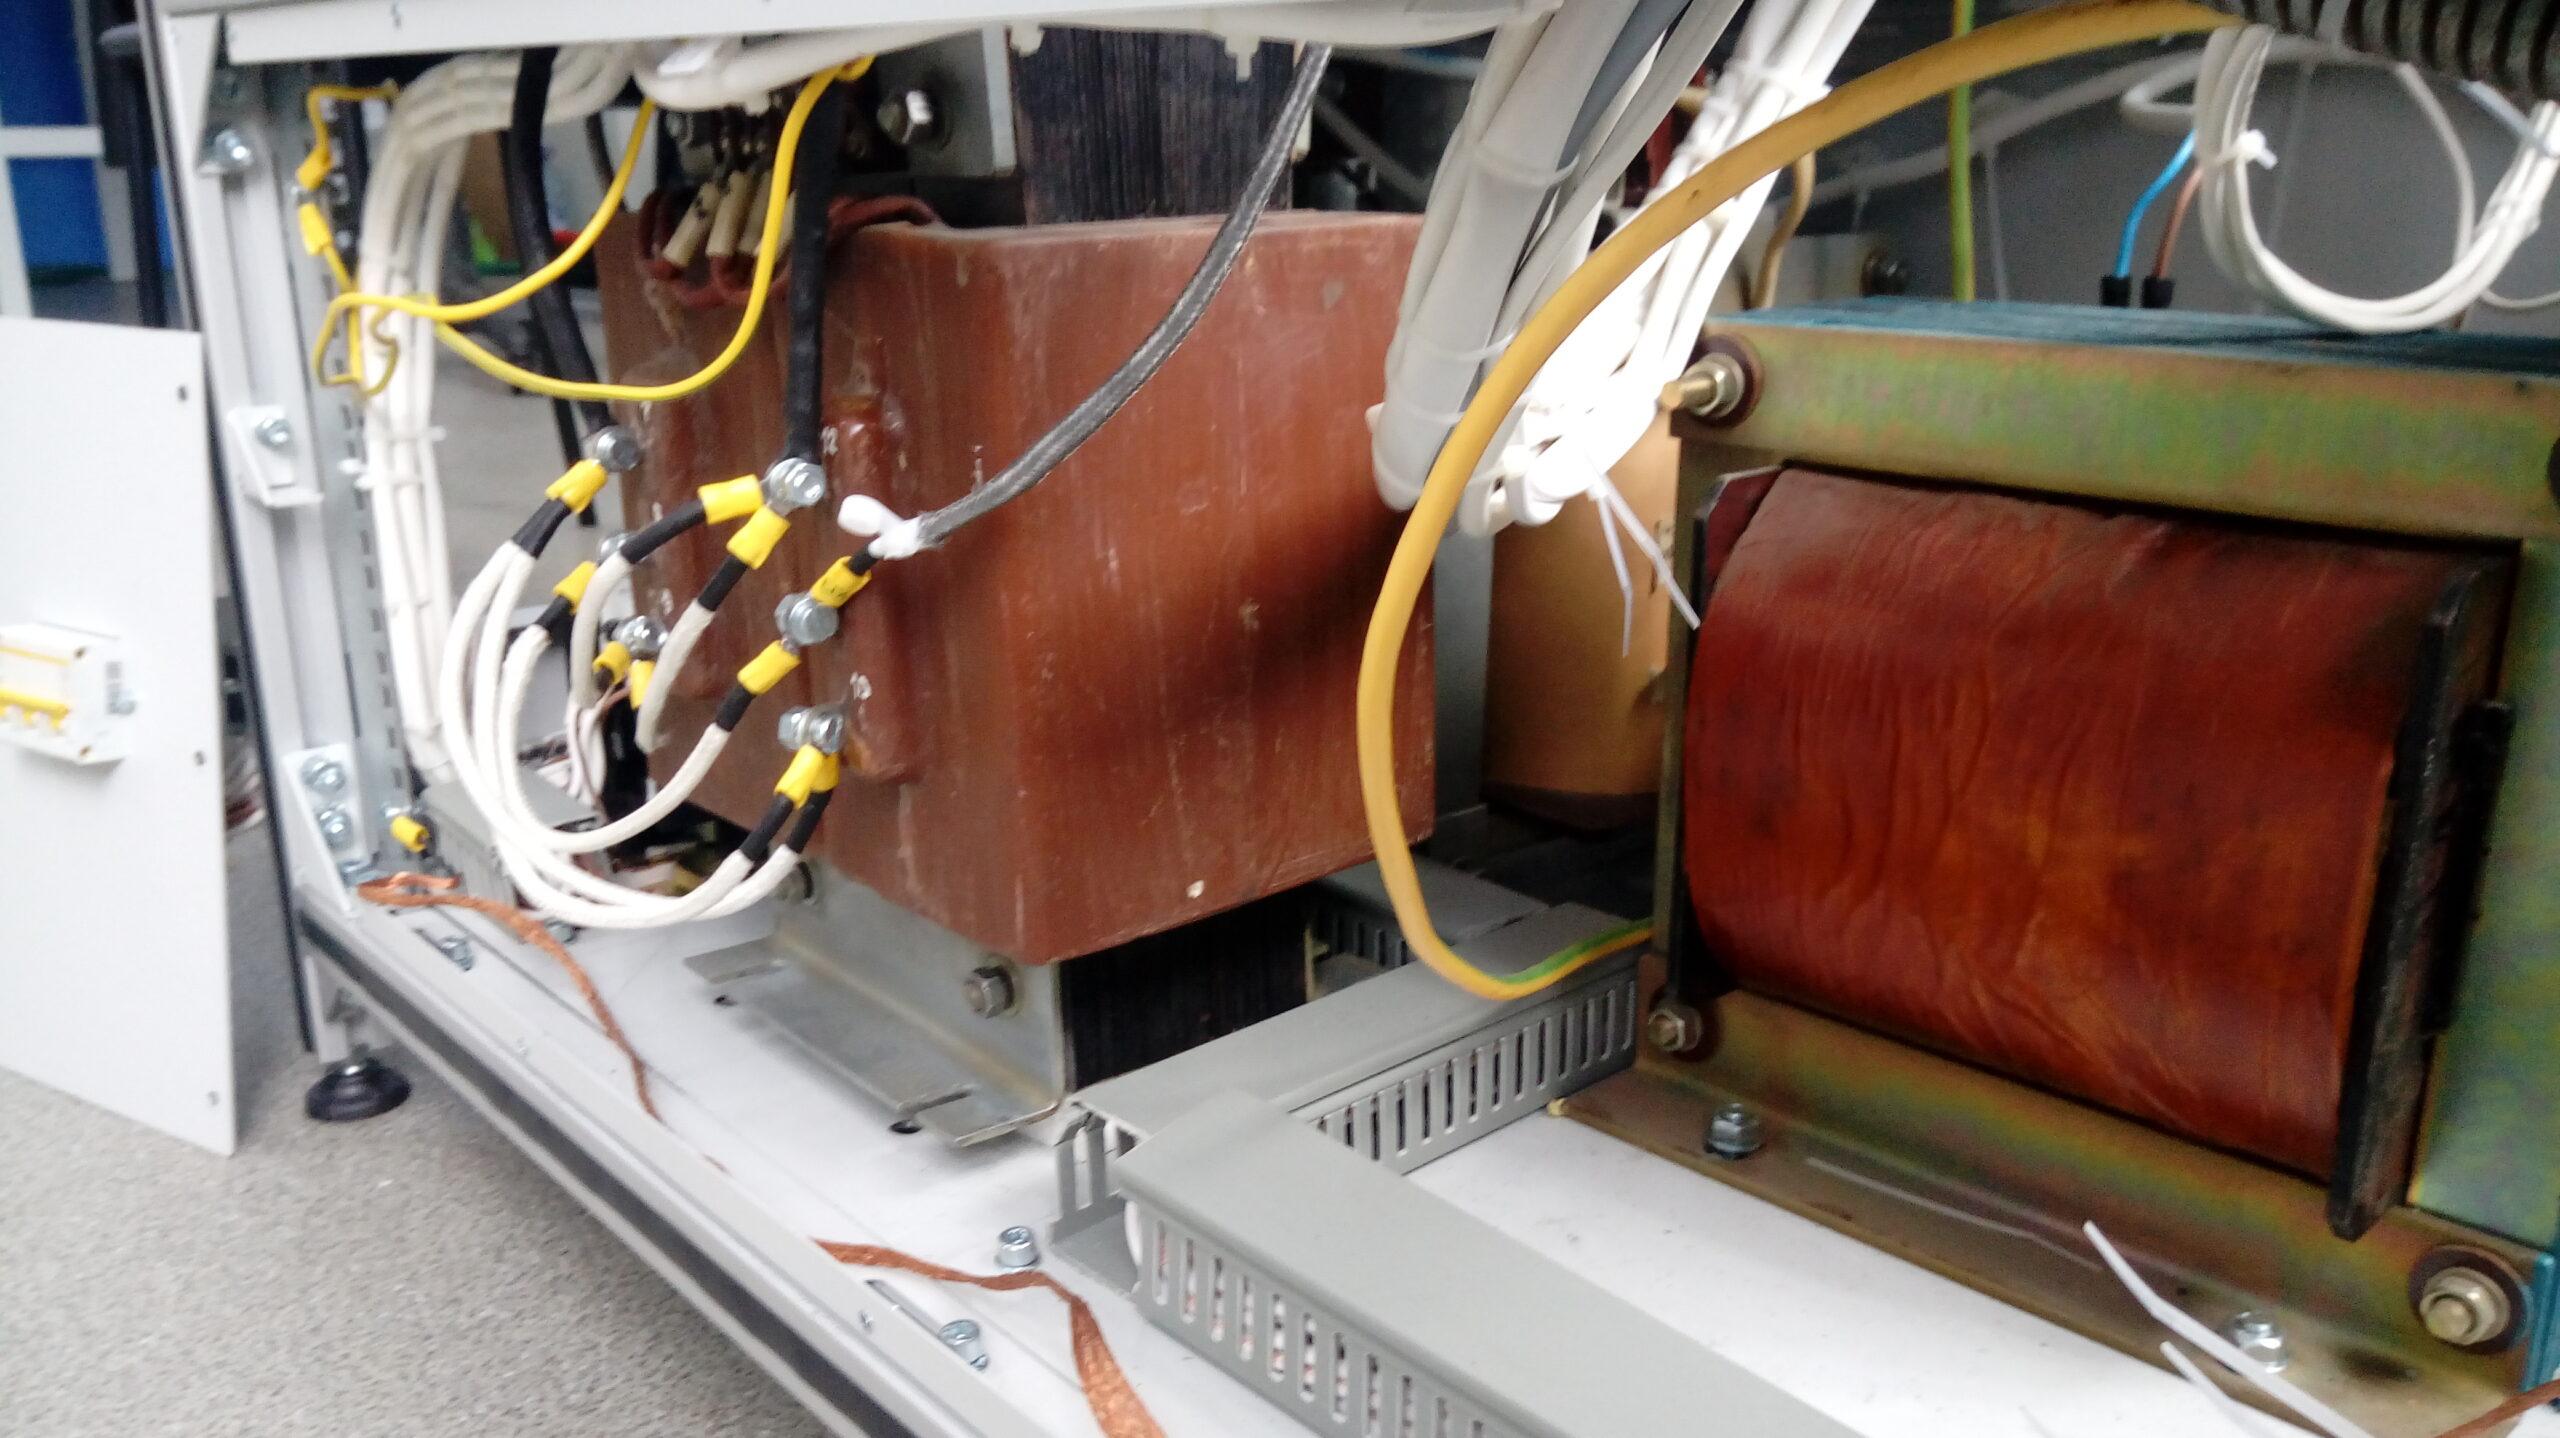 Трансформаторы в новой стойке «УВН-71-П3», «УВН-73-П3», «УВН-74-П3», «УВН-75-П3»